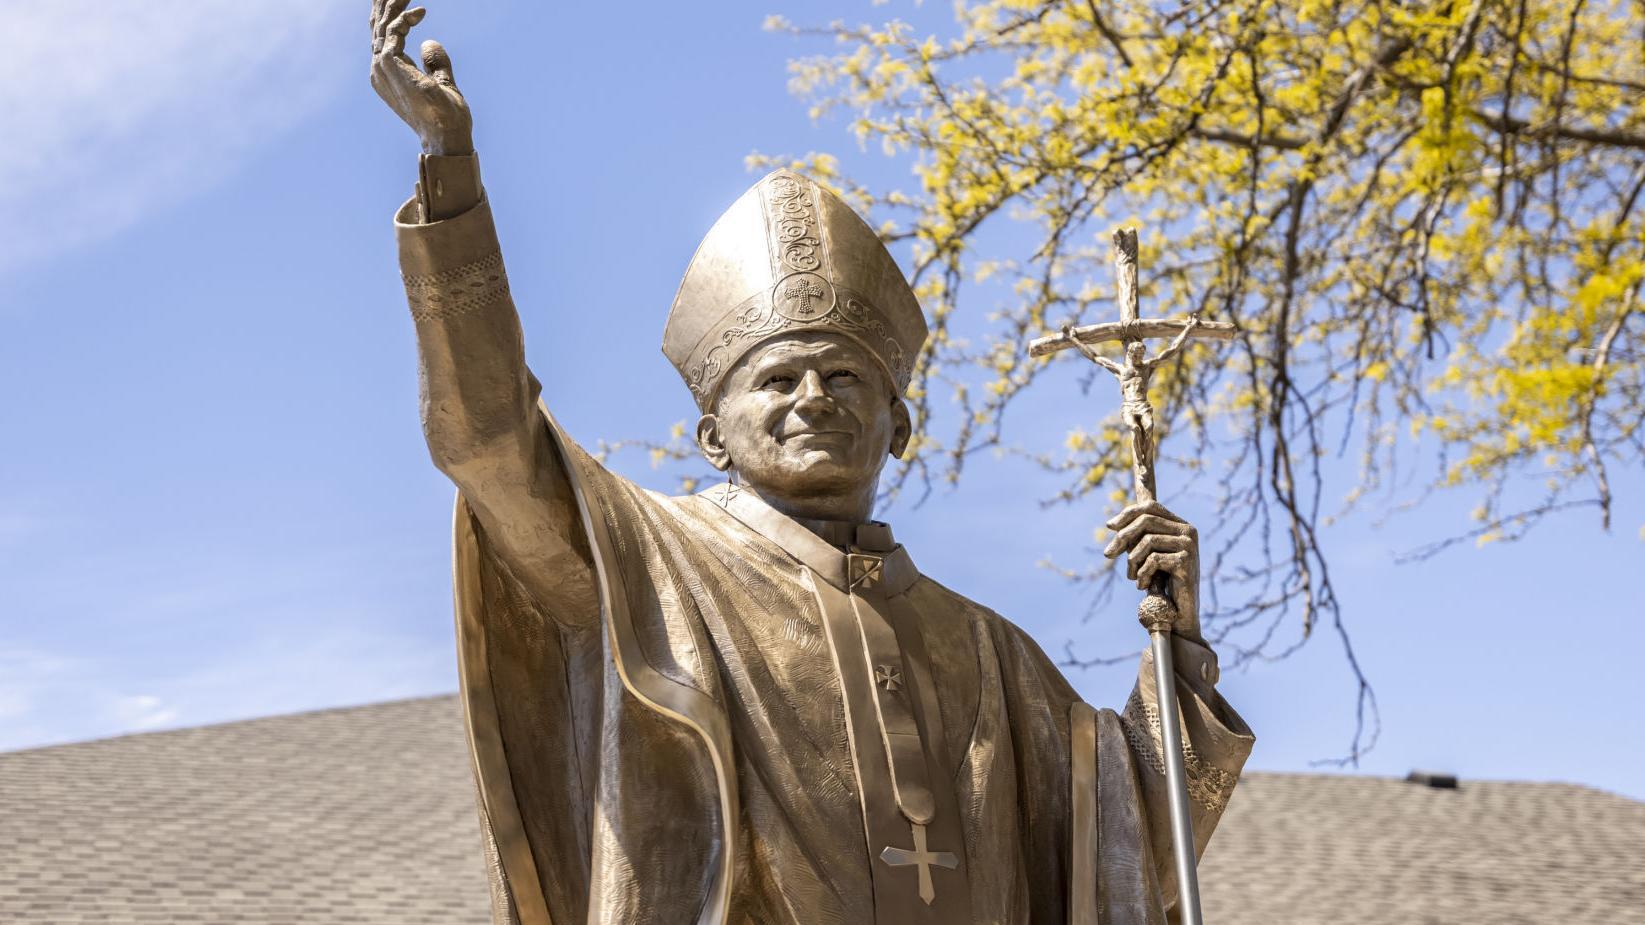 WATCH NOW: Trinity Heights adds Divine Mercy Garden, St. John Paul II statue